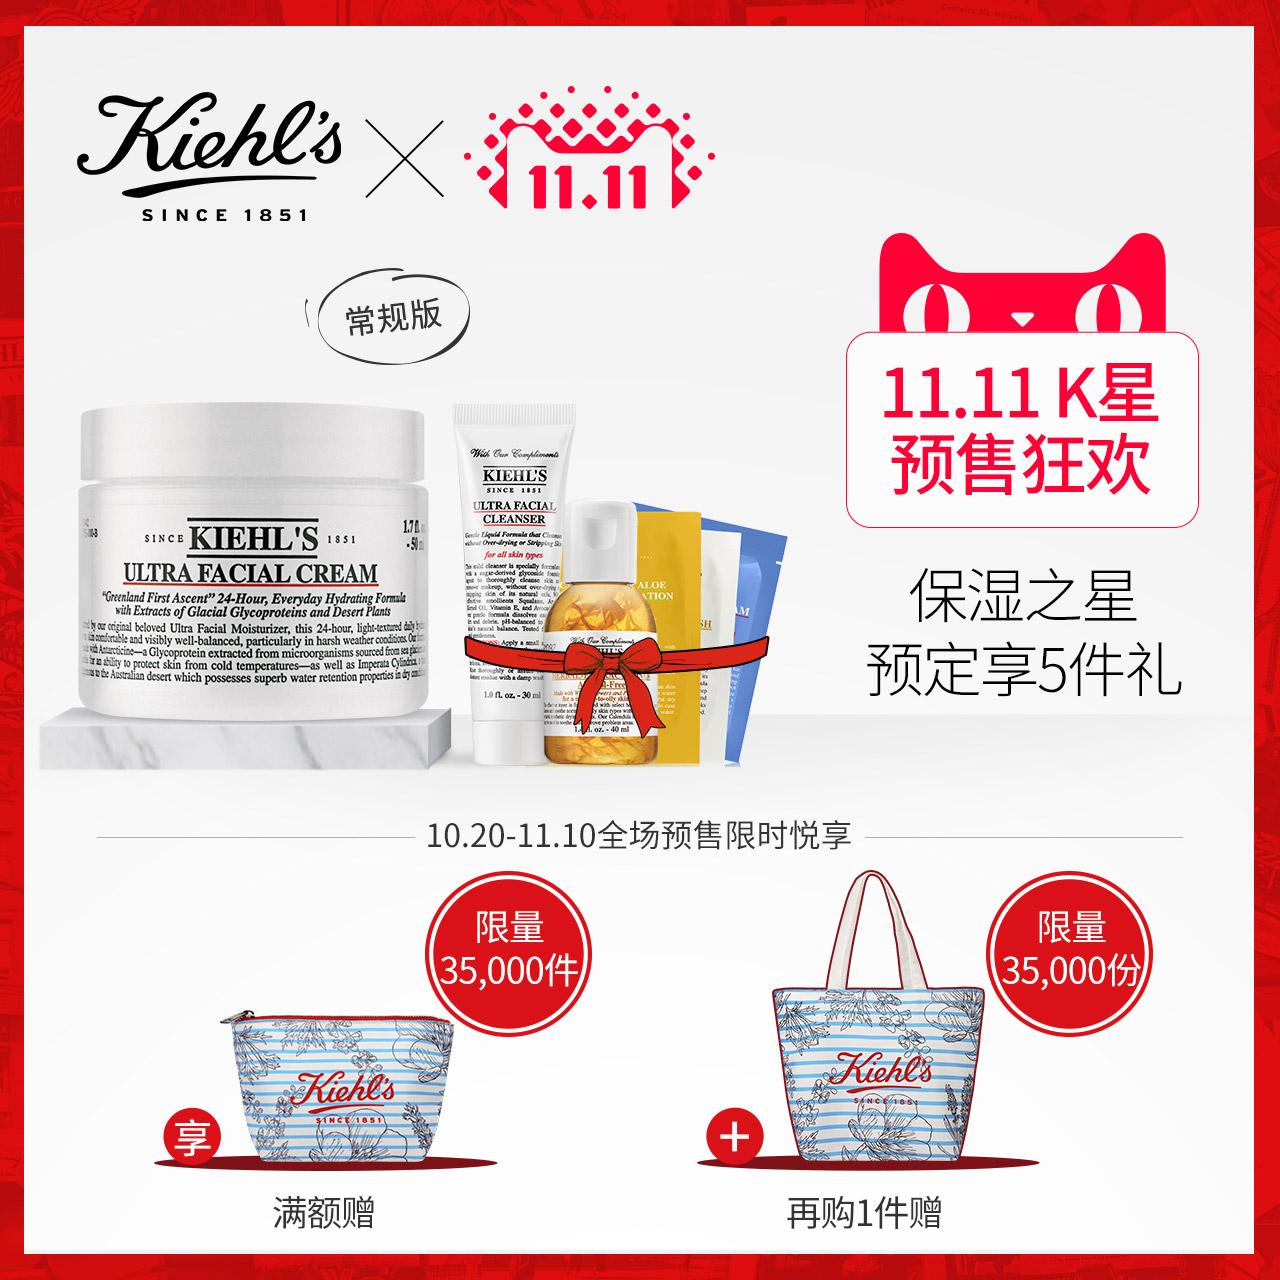 【双11预售】Kiehl's科颜氏高保湿霜常规版50ml